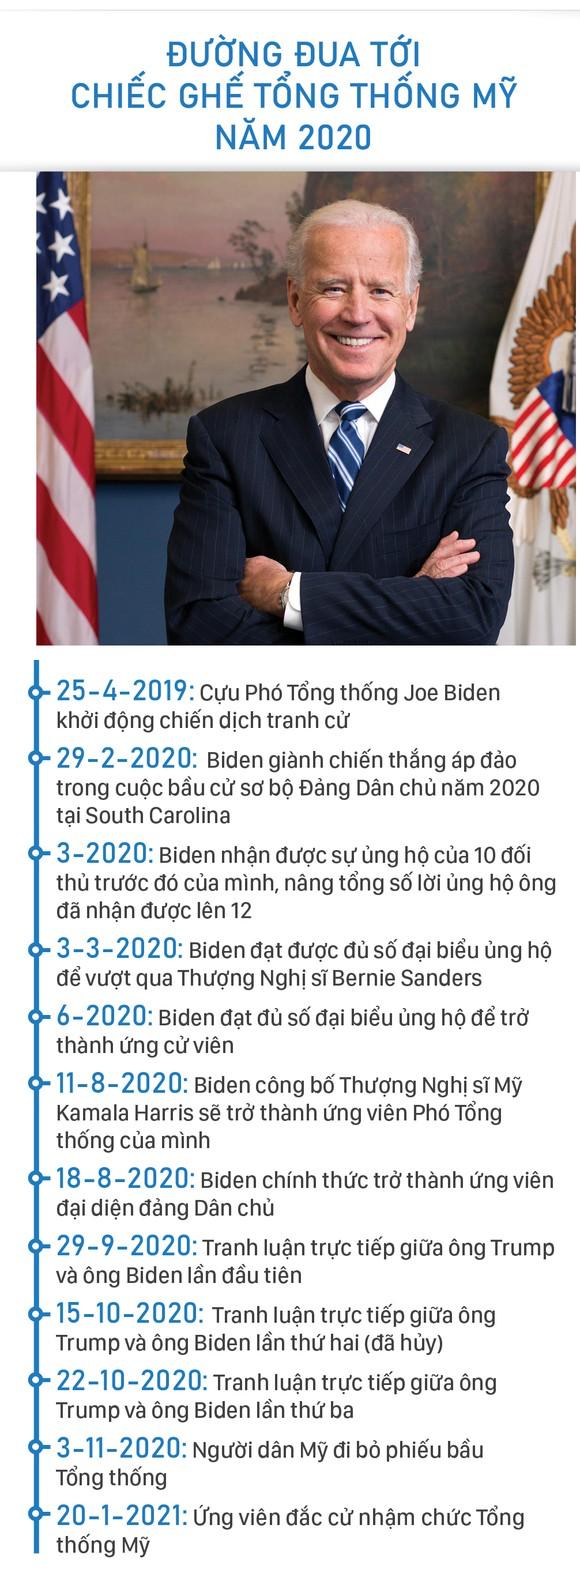 Joe Biden - Con đường đắc cử Tổng thống thứ 46 của Mỹ ảnh 2